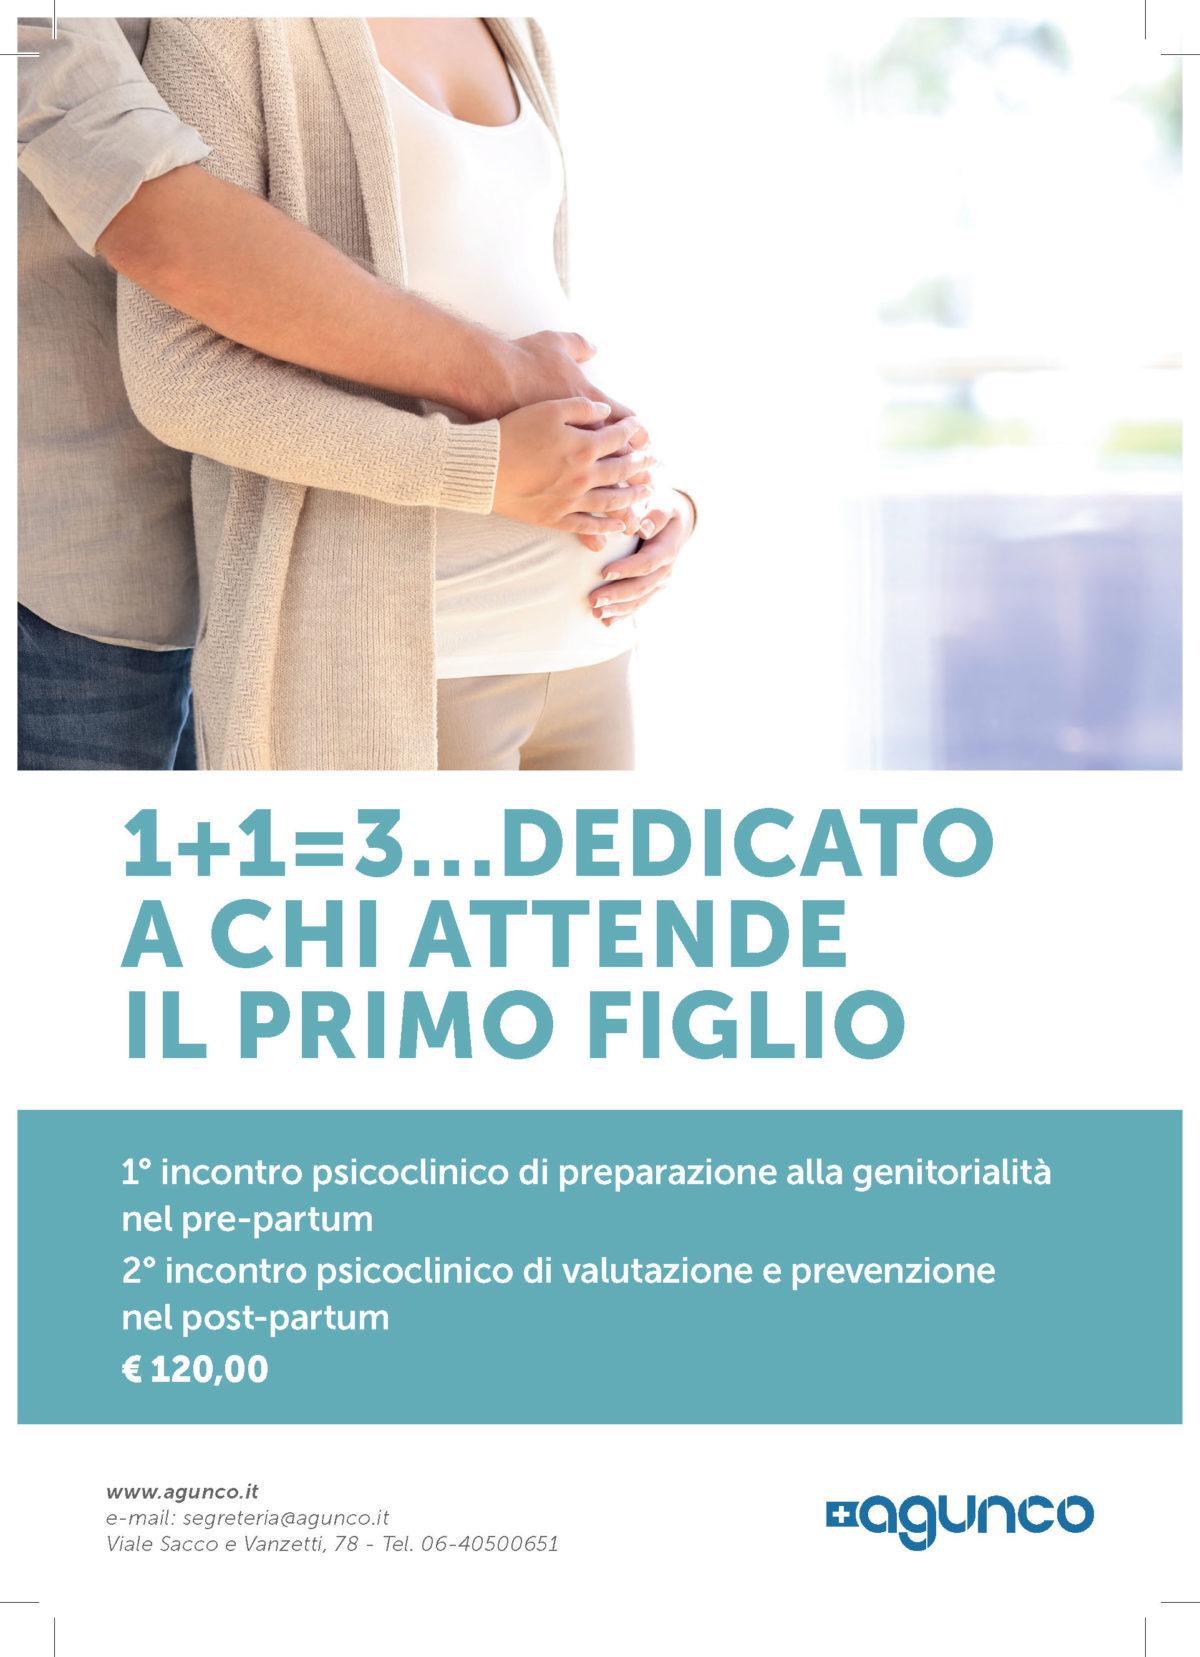 promo_percorso_nascita_Page_1-1200x1657.jpg